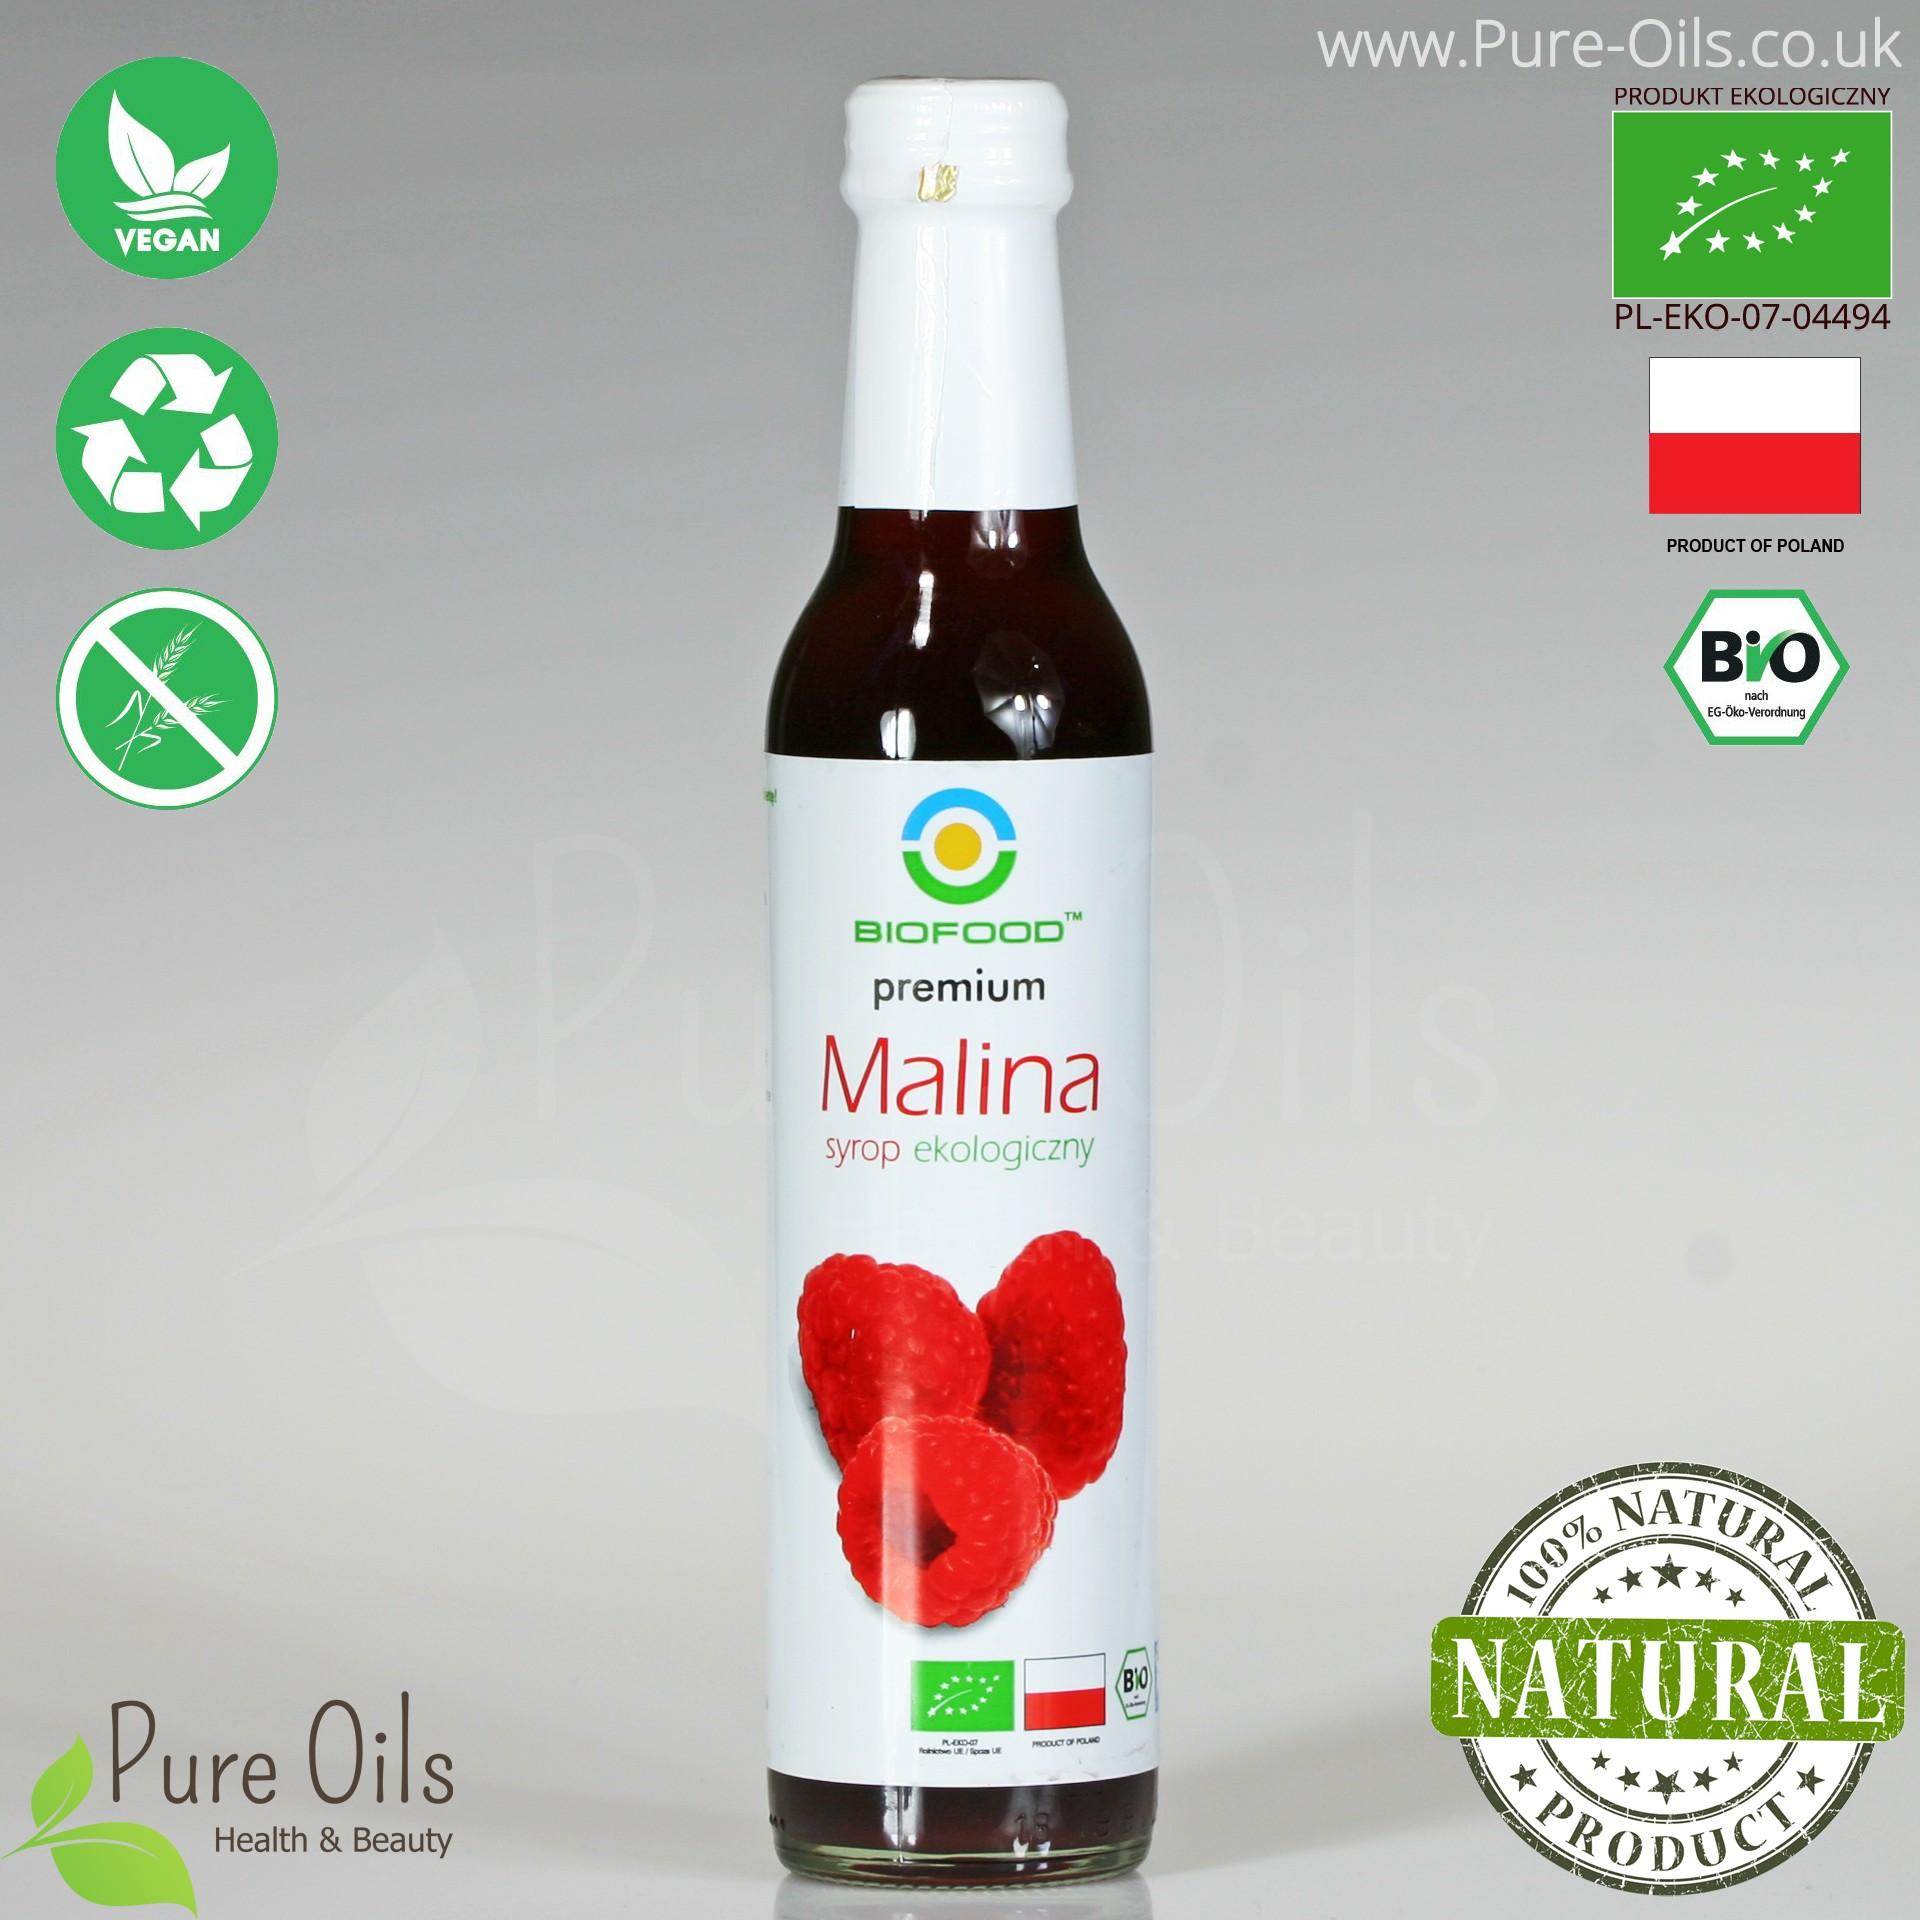 Syrop Malinowy - Ekologiczny, Biofood